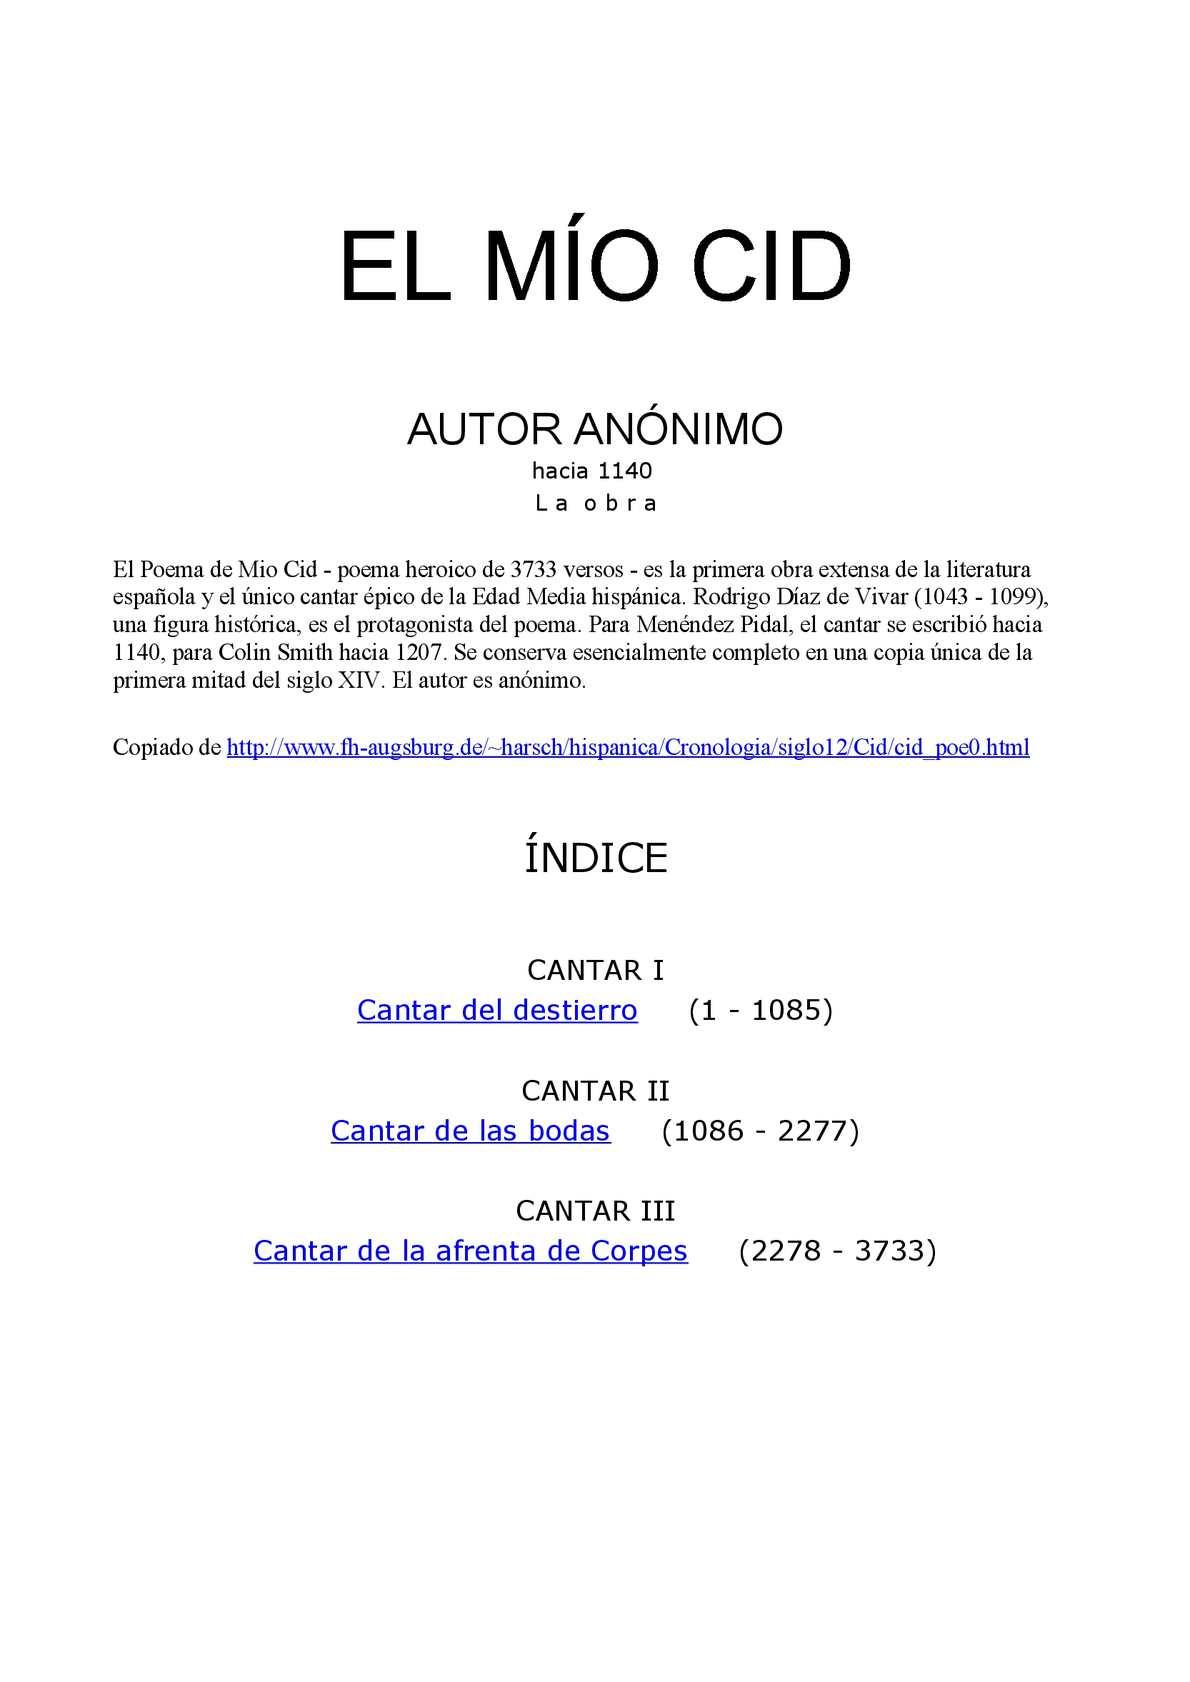 Calaméo Poema El Mio Cid